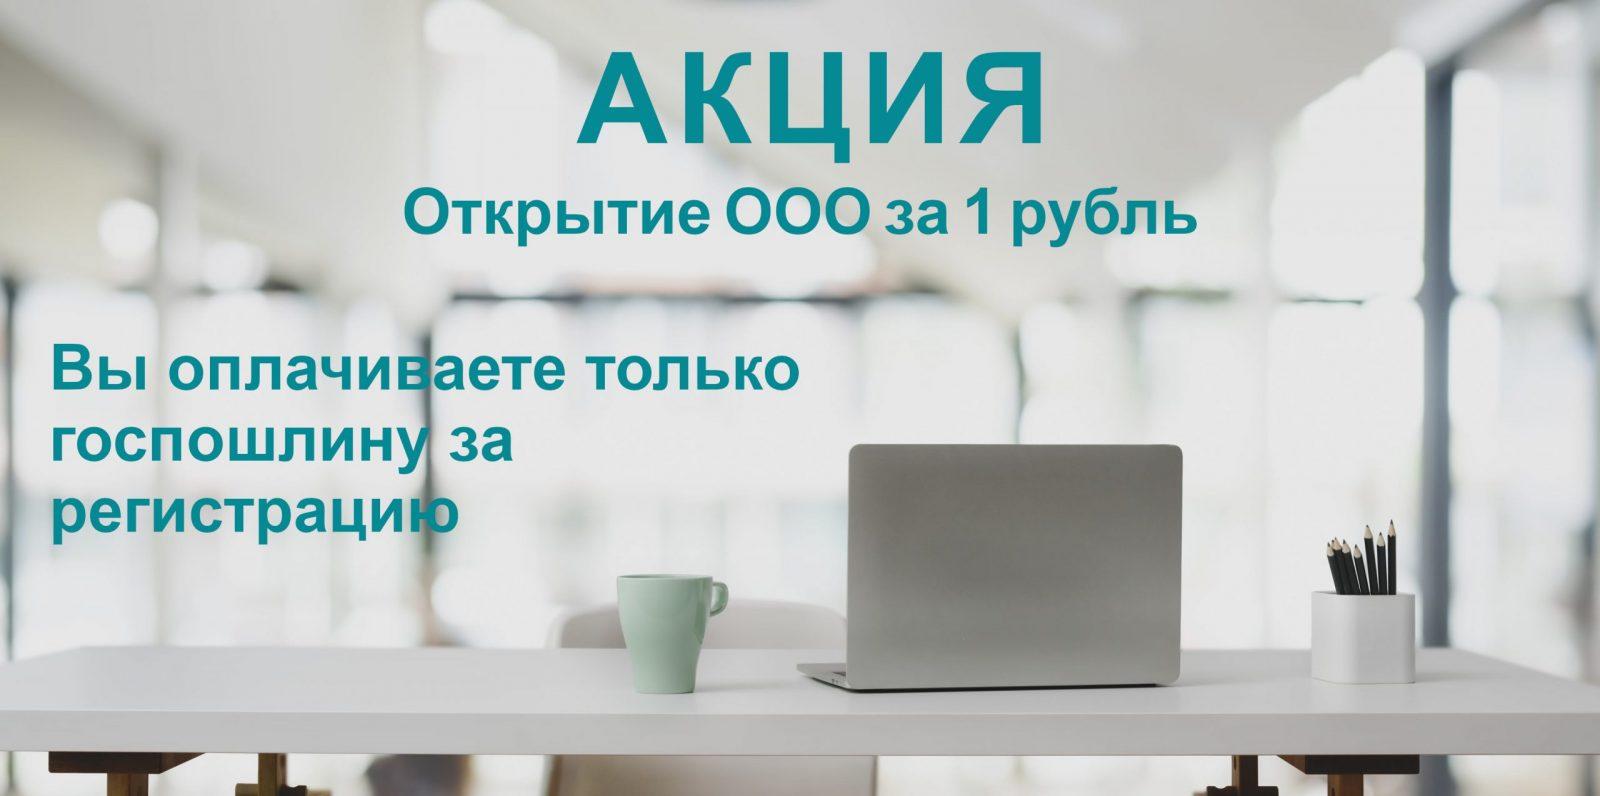 Открытие ООО за 1 рубль